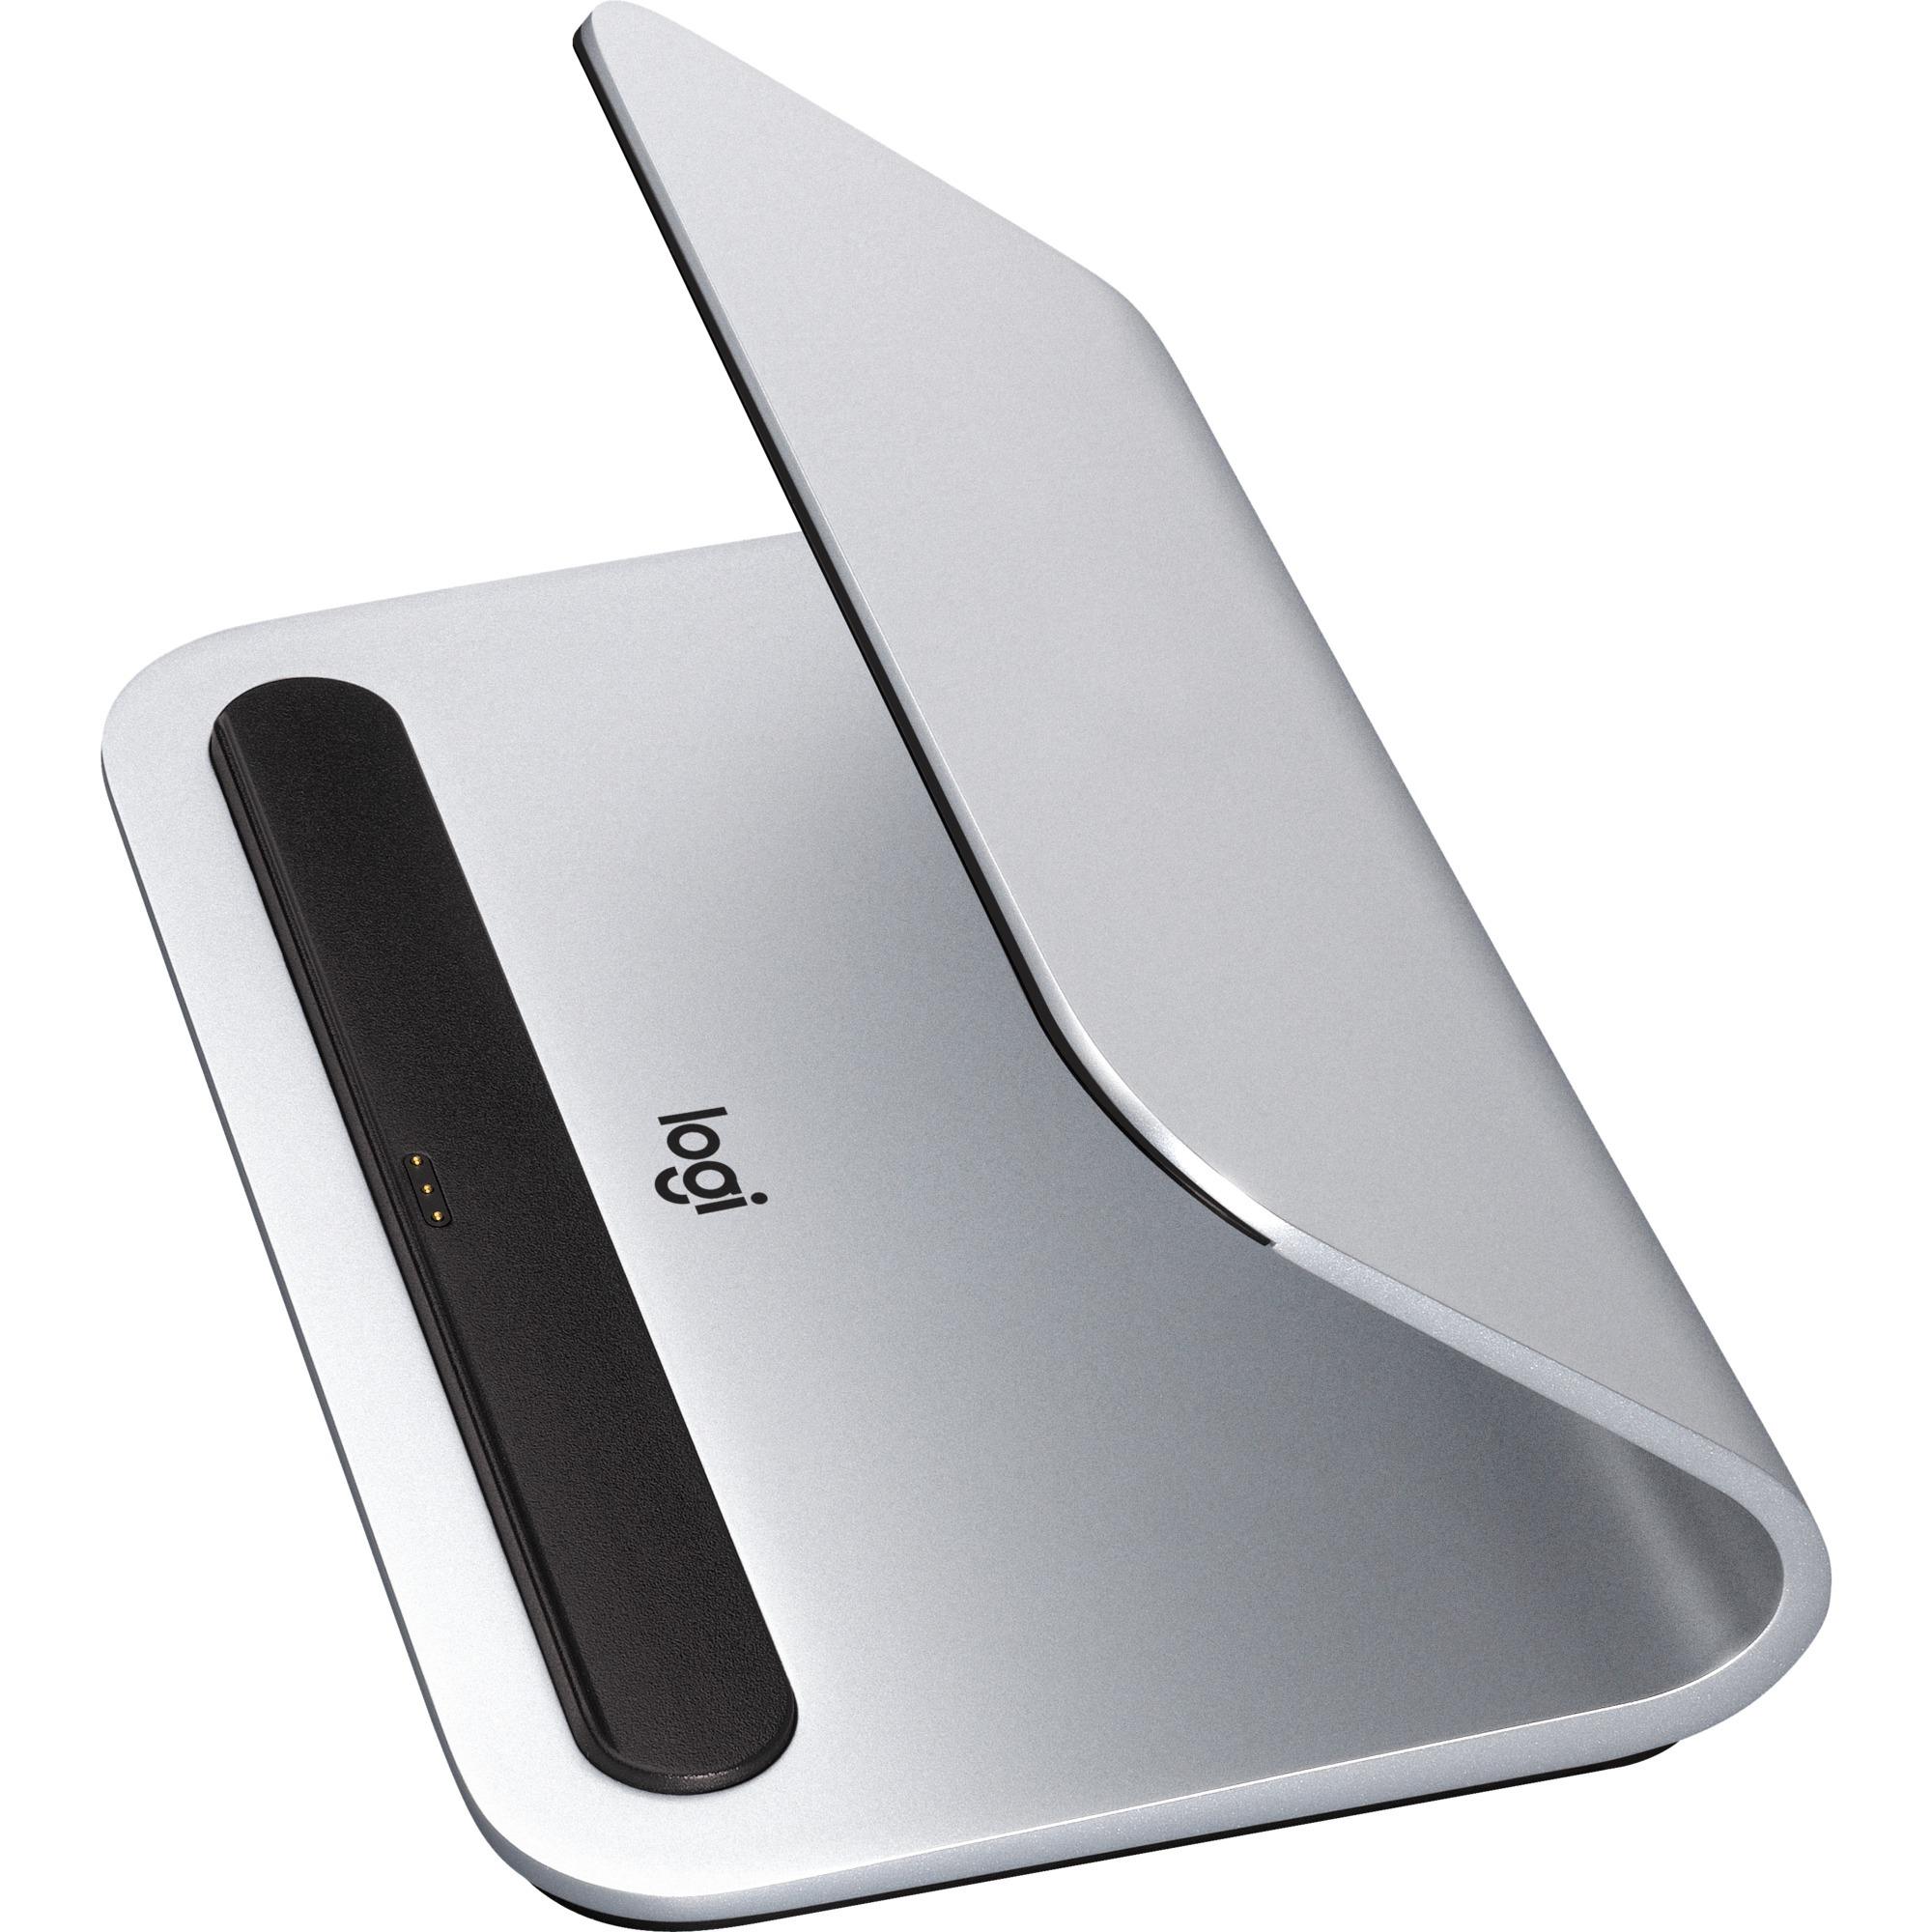 939-001471 cargador de dispositivo móvil Interior Plata, Estación de carga